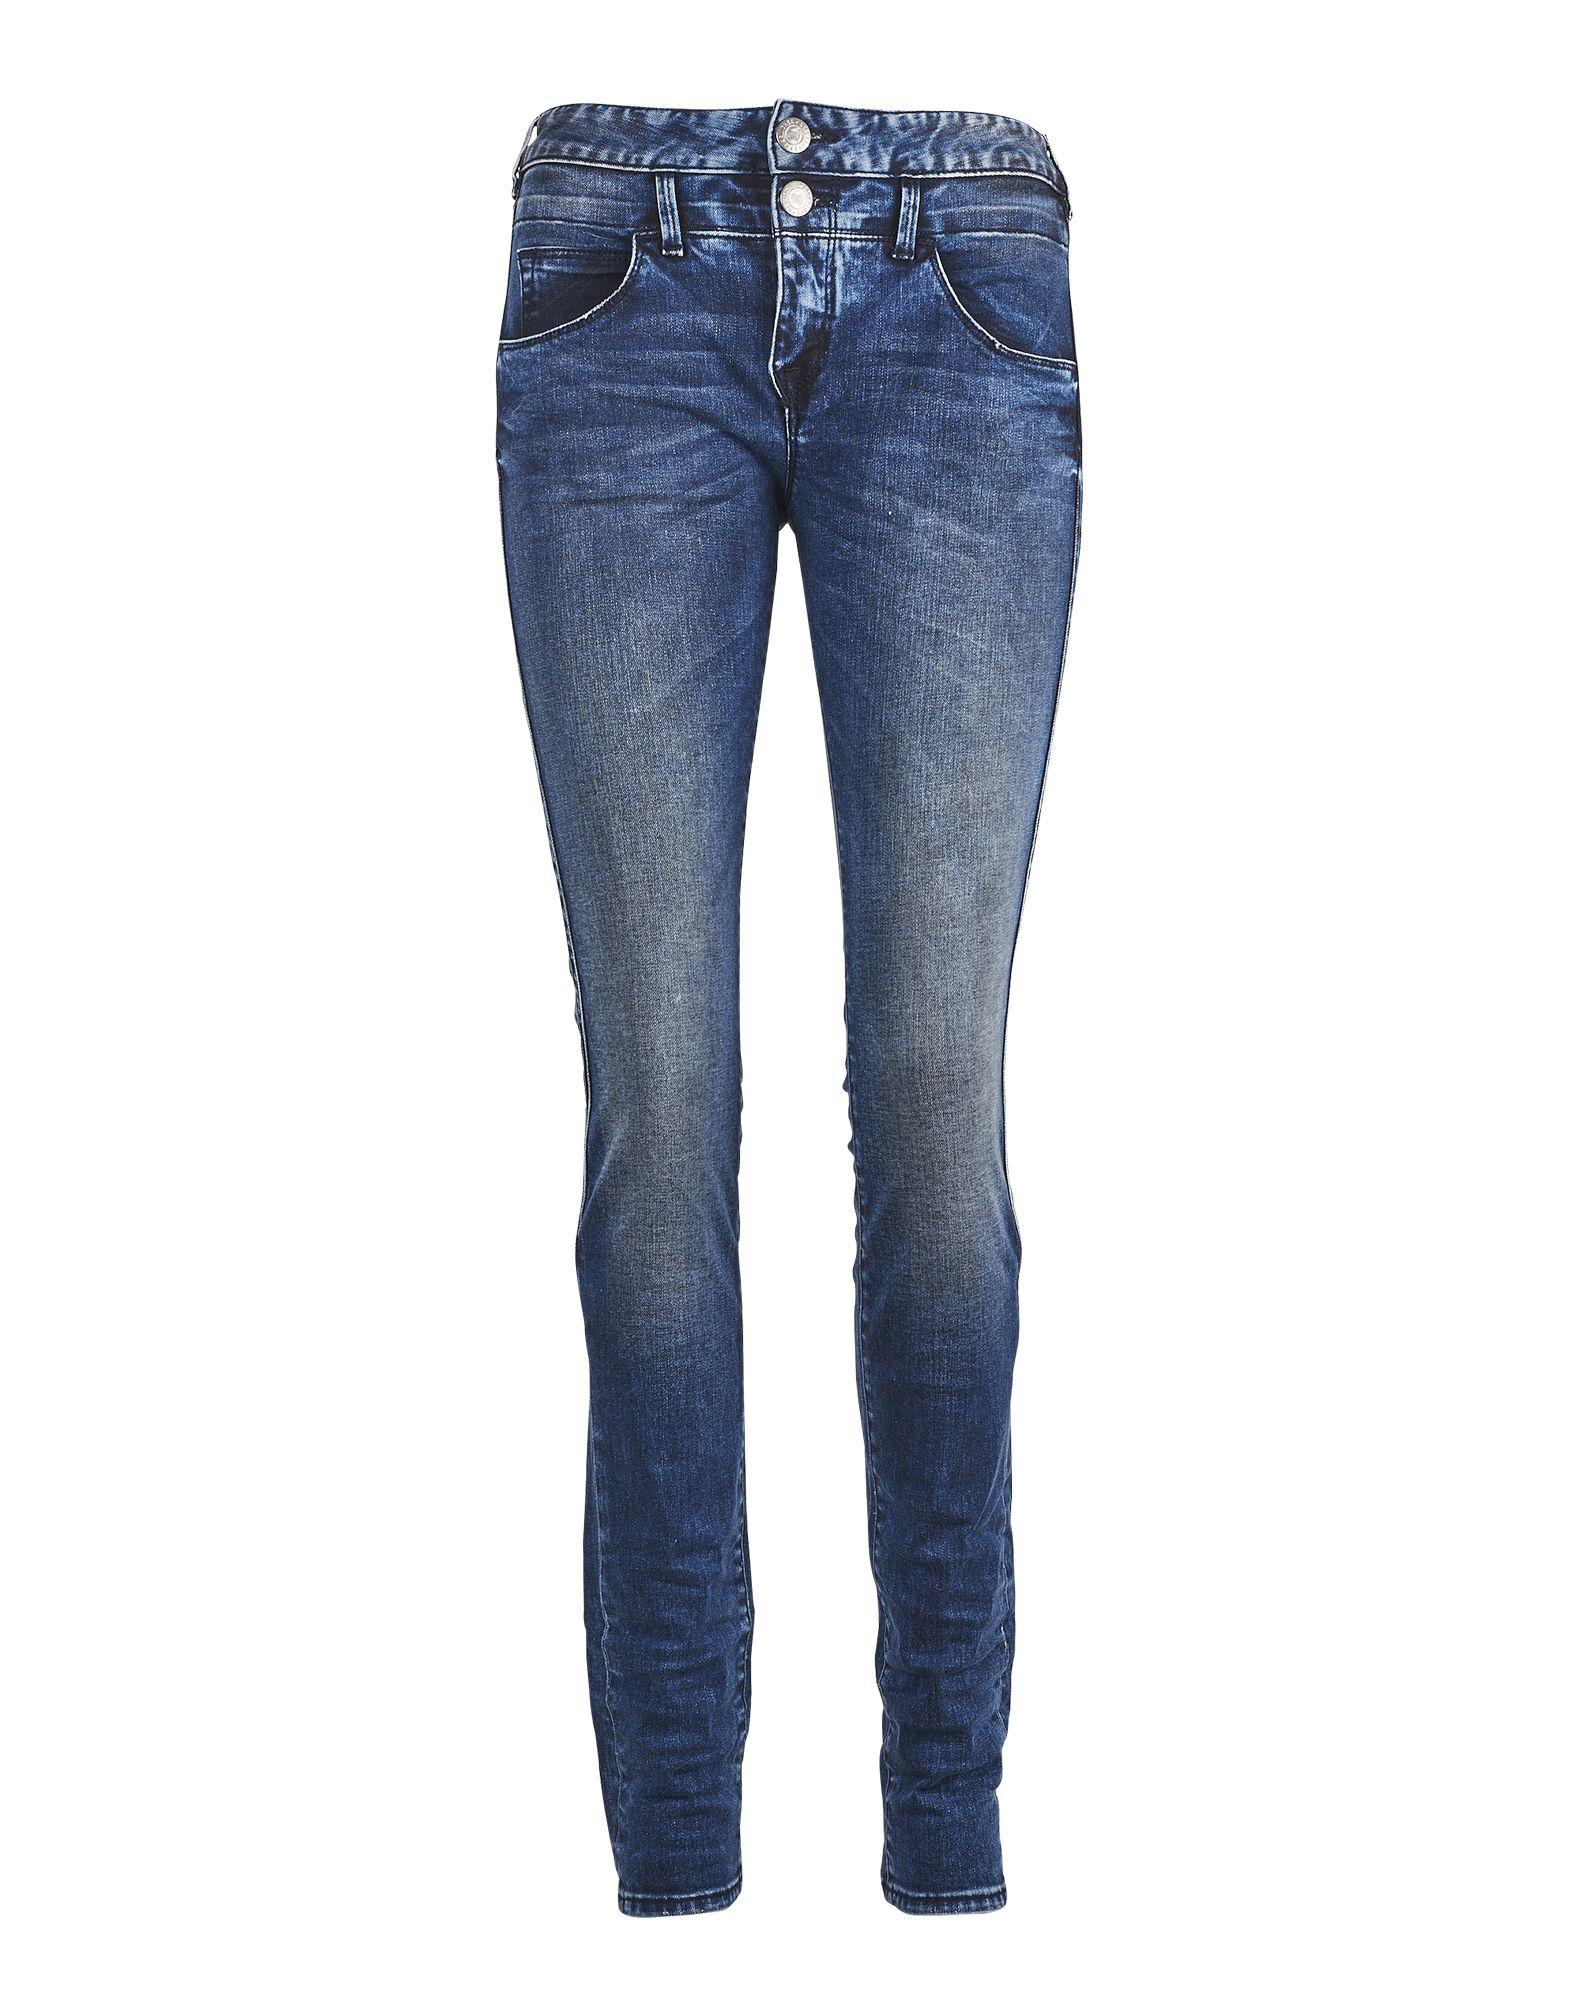 HERRLICHER Herrlicher Jeans »'Baby' Jeans Denim Stretch«